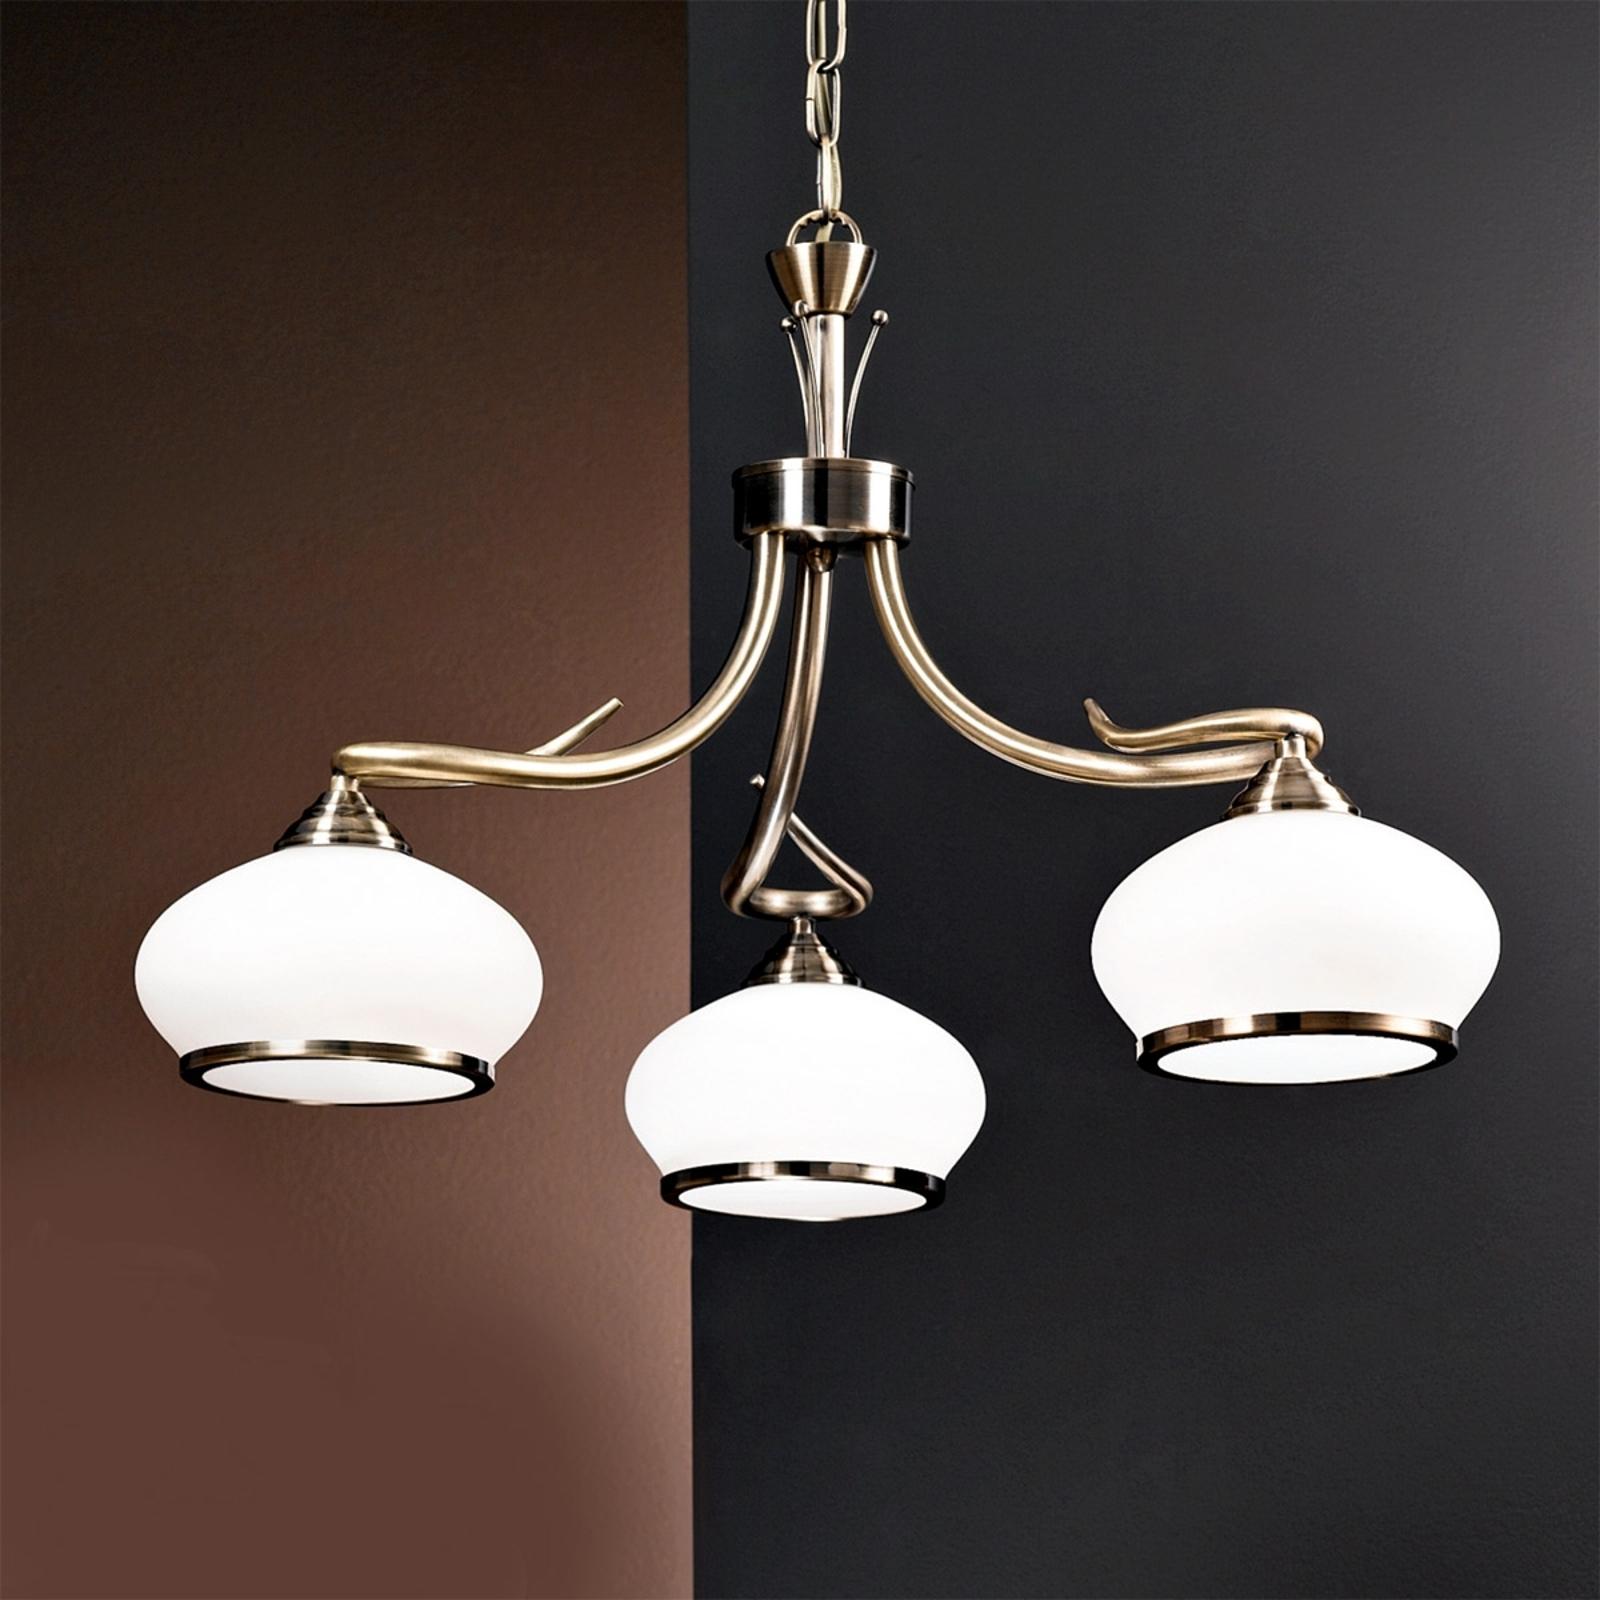 Smaakvolle hanglamp Elvira, 3-lichts